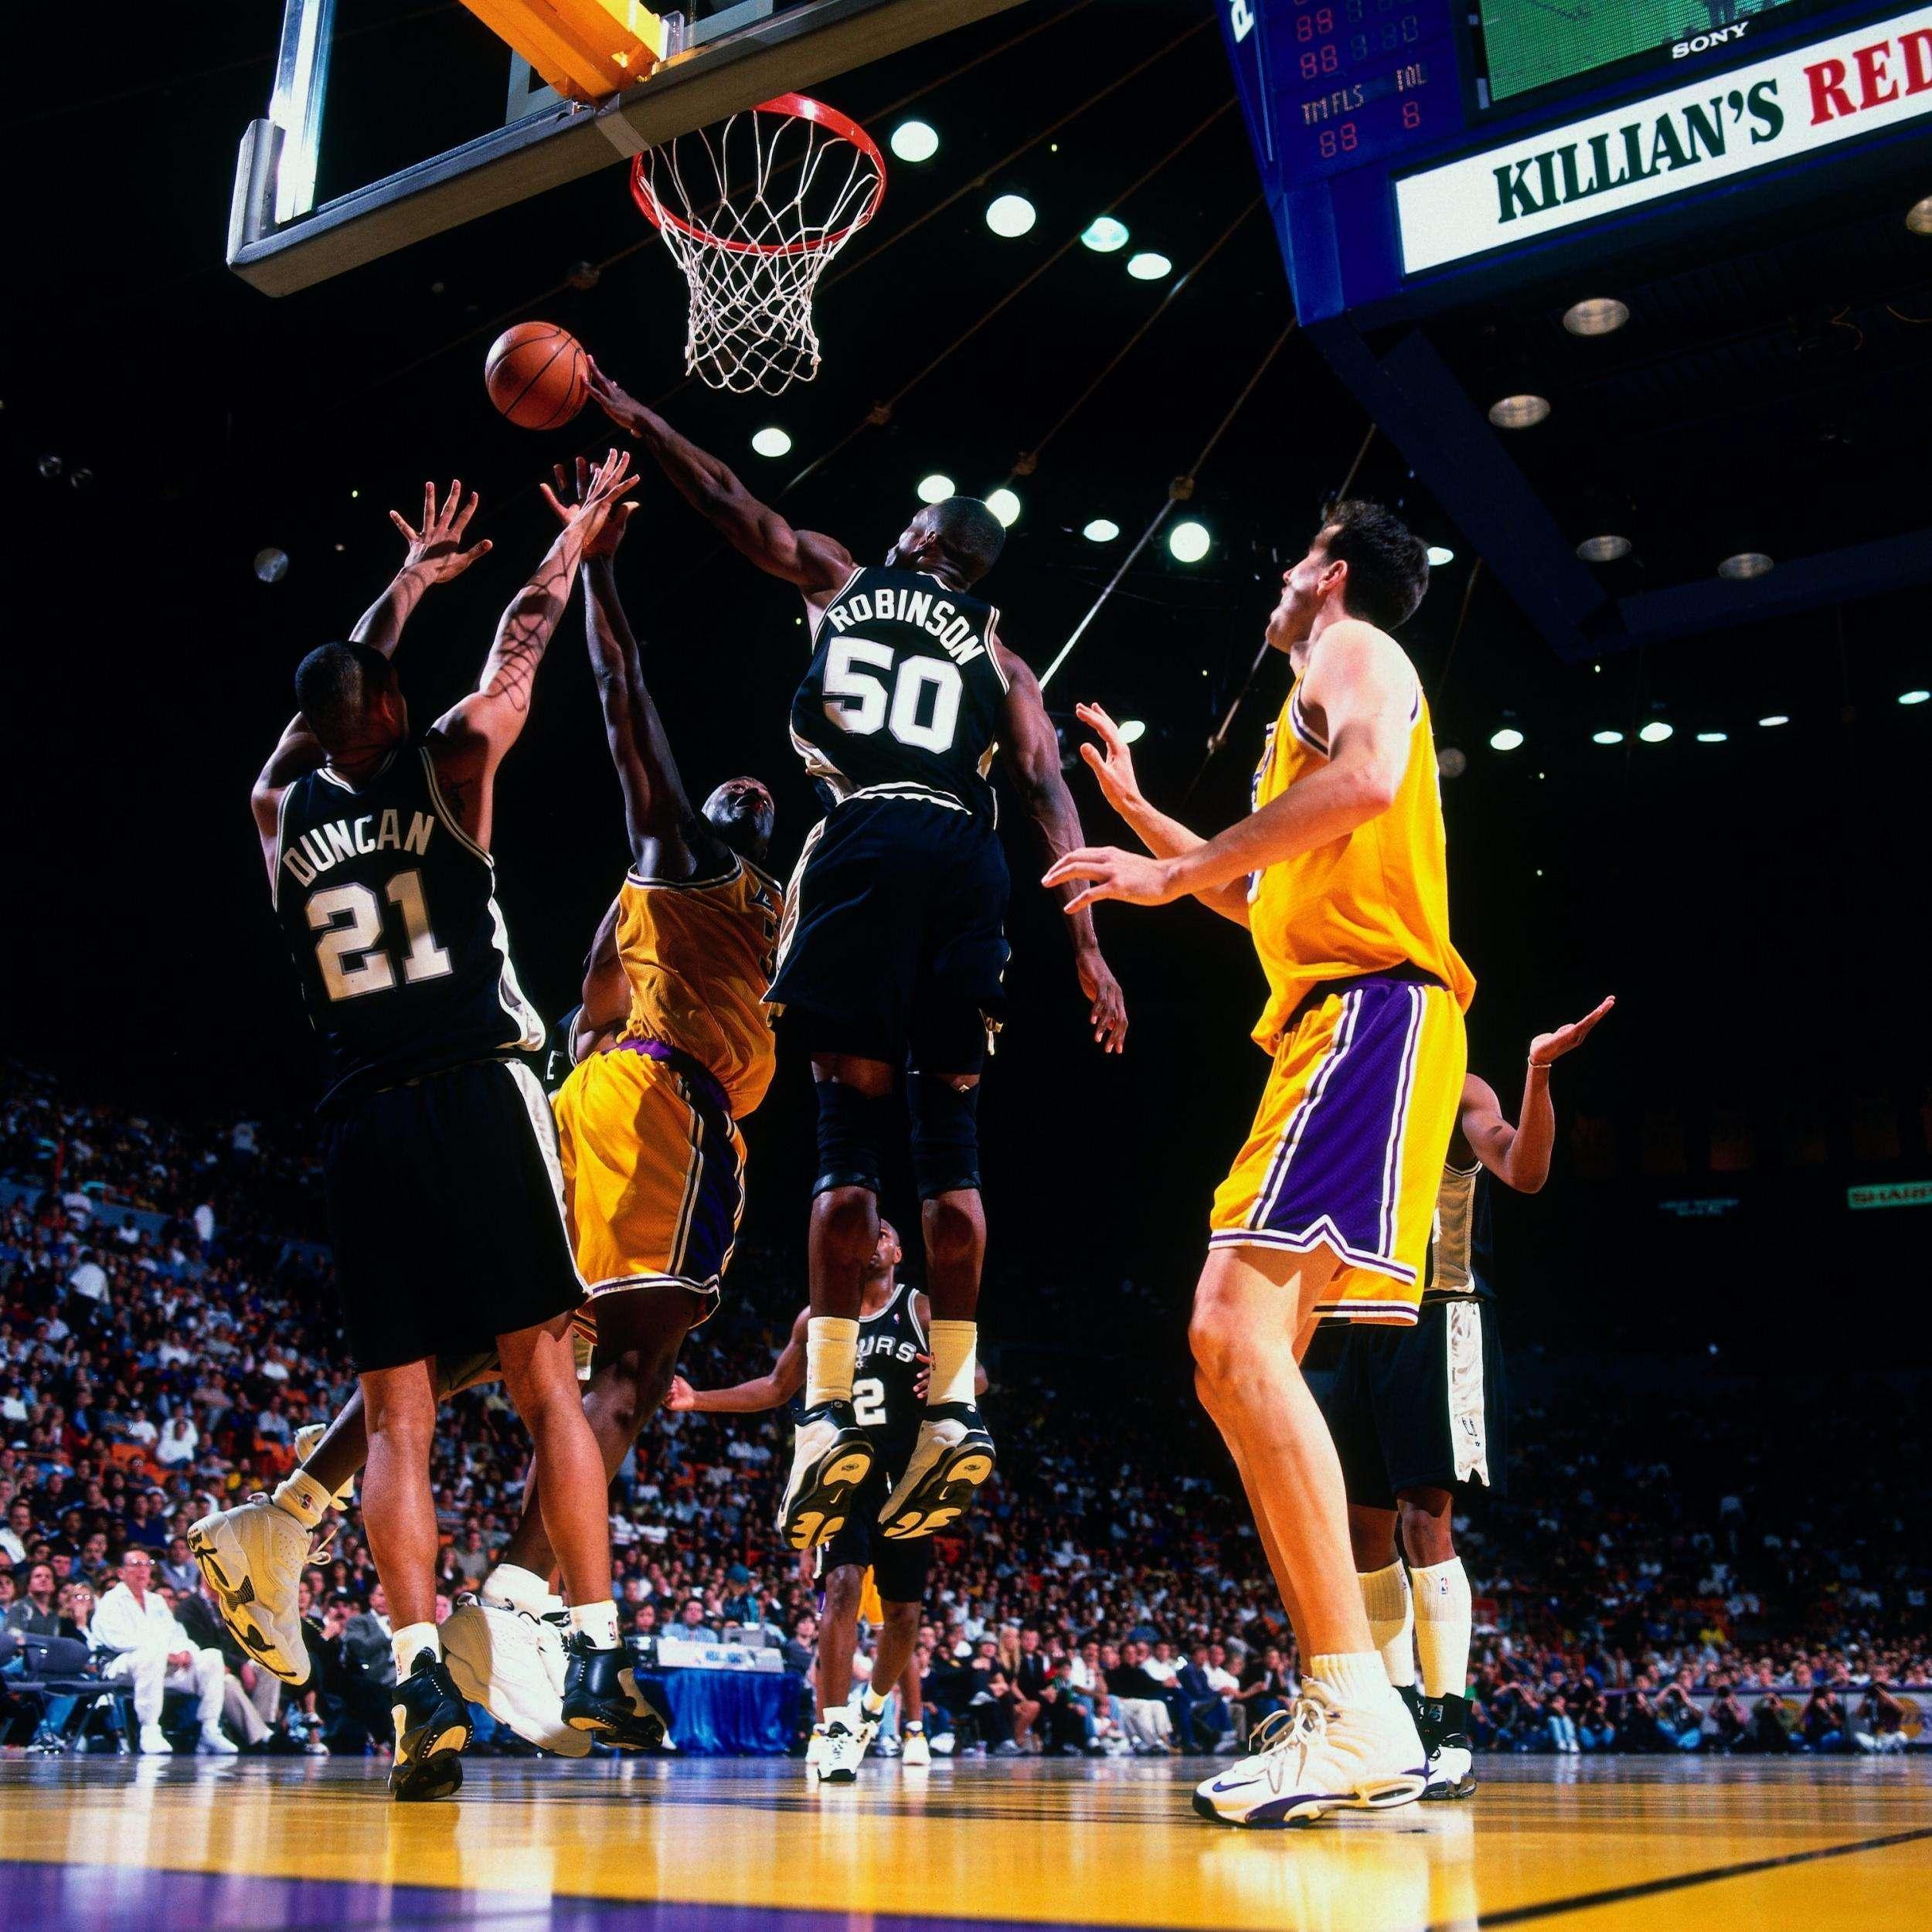 姚明盖帽奥尼尔_NBA历史仅两状元首秀拿到20+10 不是奥尼尔和邓肯 现役一人毁于伤病